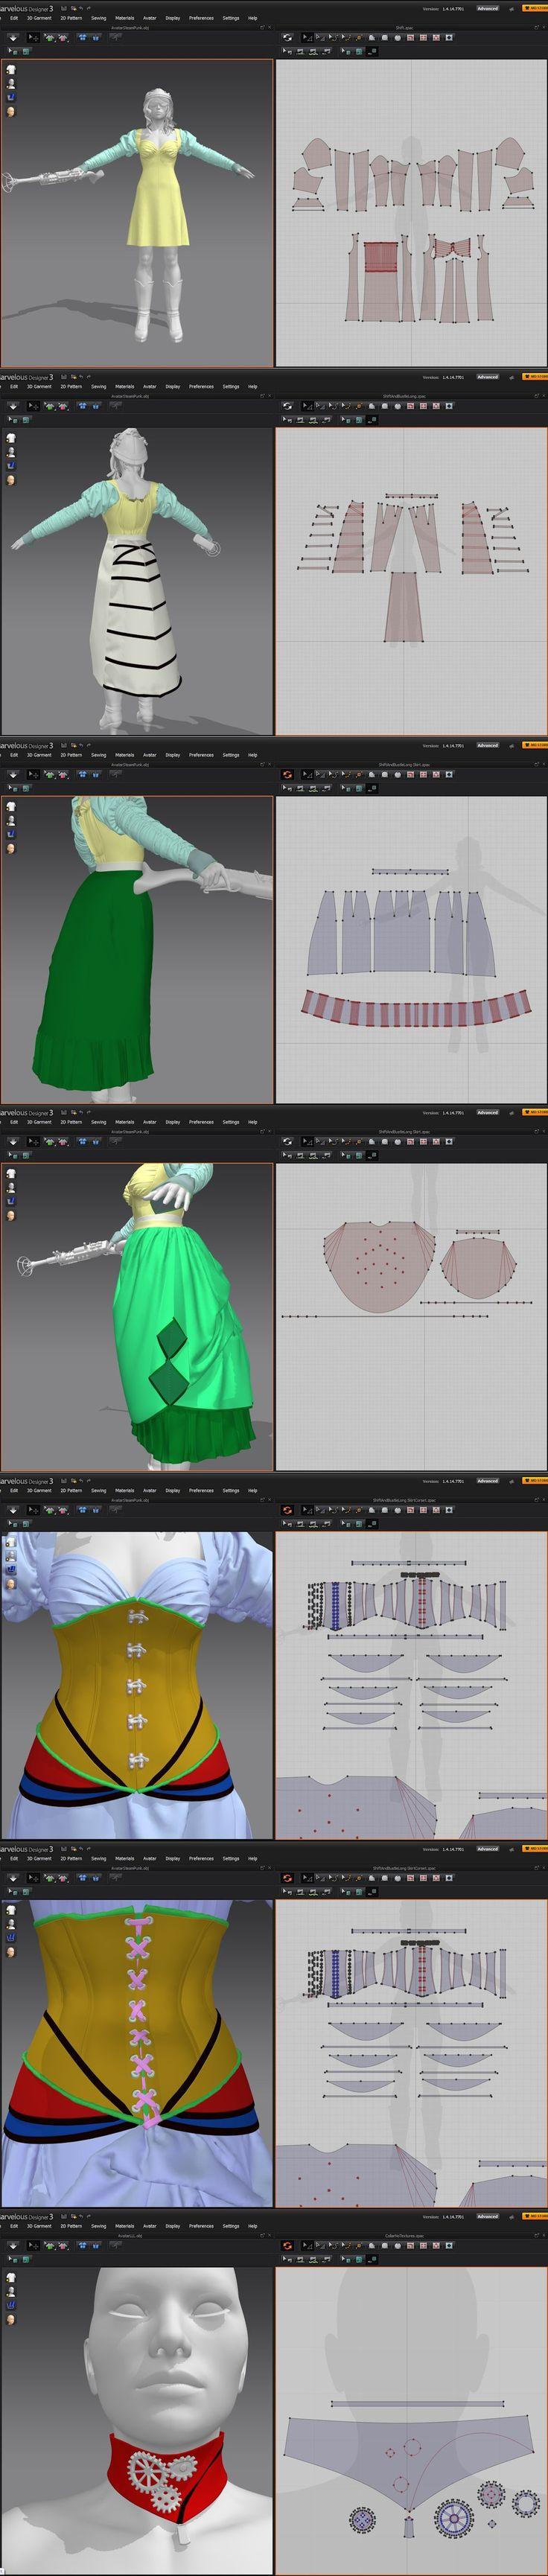 SteamPunk MD3 Patterns by dylazuna.deviantart.com on @DeviantArt